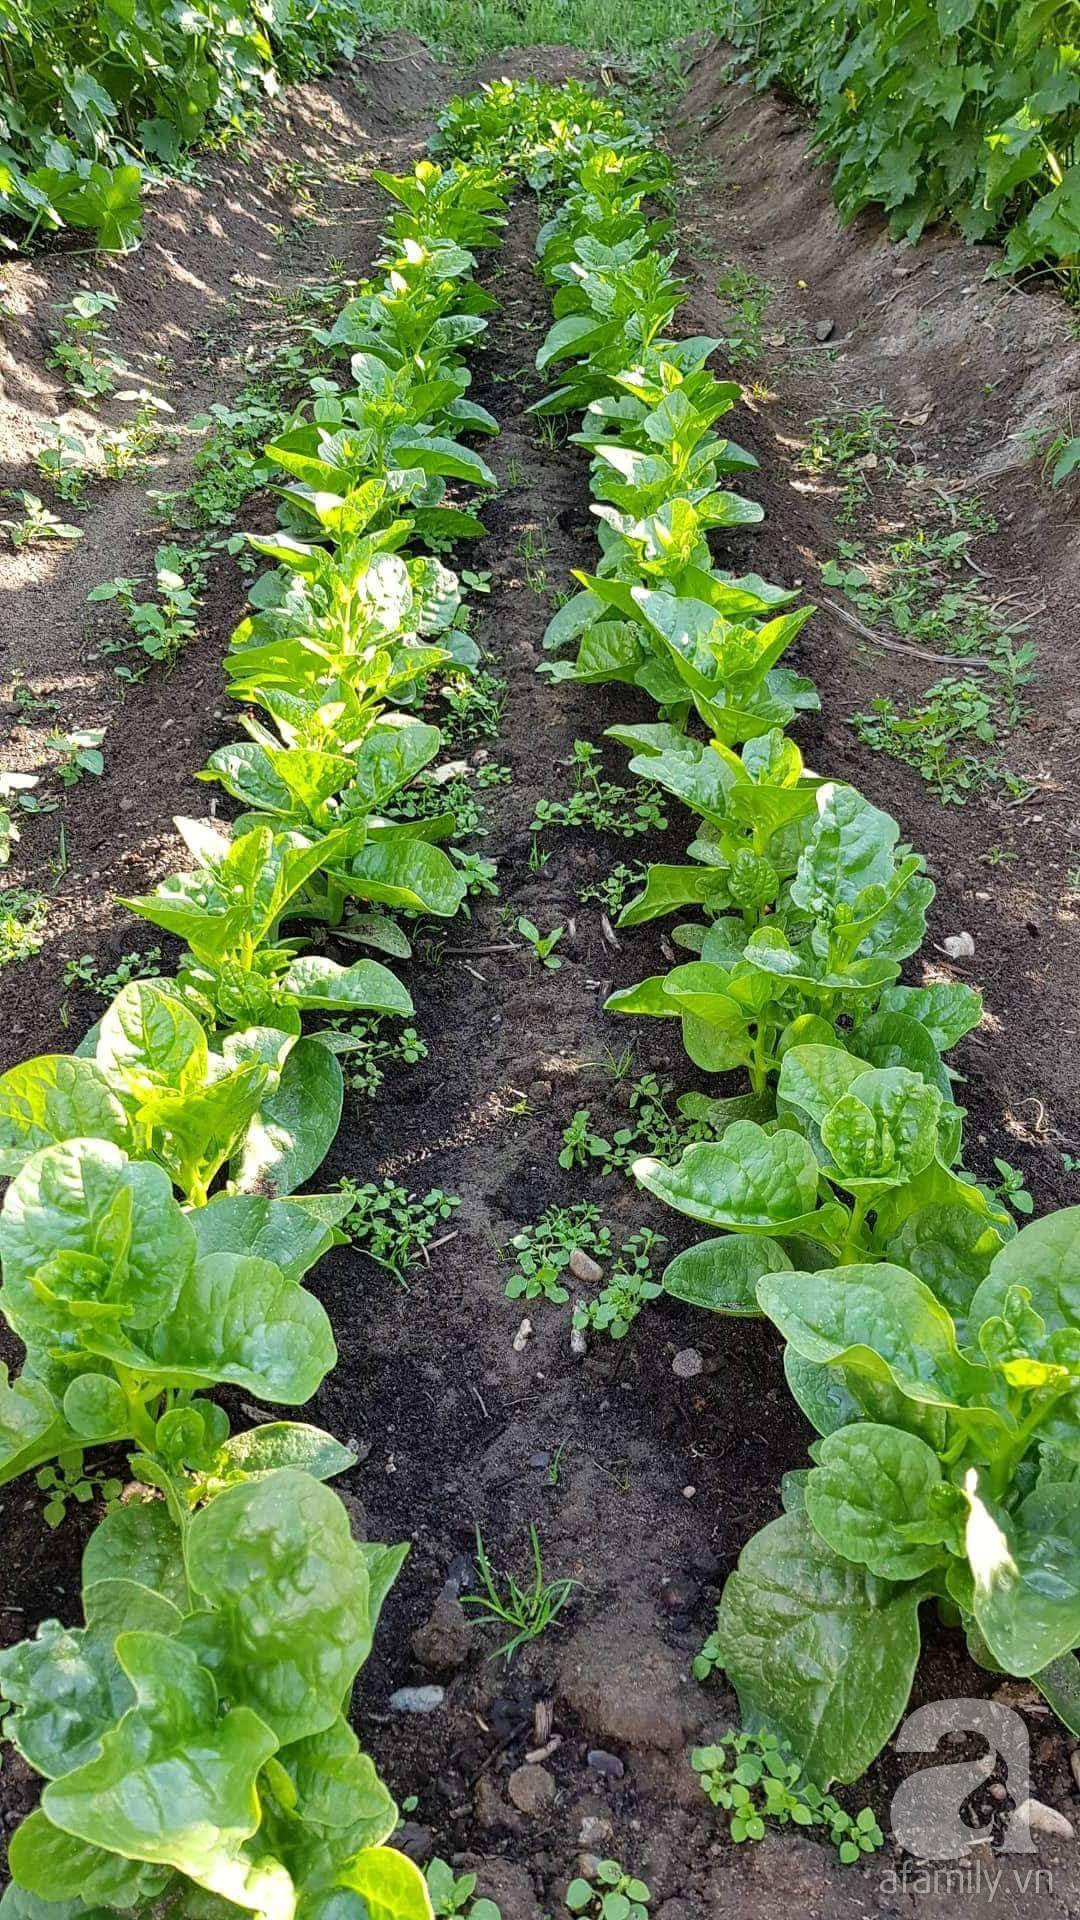 Choáng ngợp trước vườn rau sạch rộng 600m² với đủ rau trái Việt của bà mẹ trẻ ở nước ngoài - Ảnh 15.